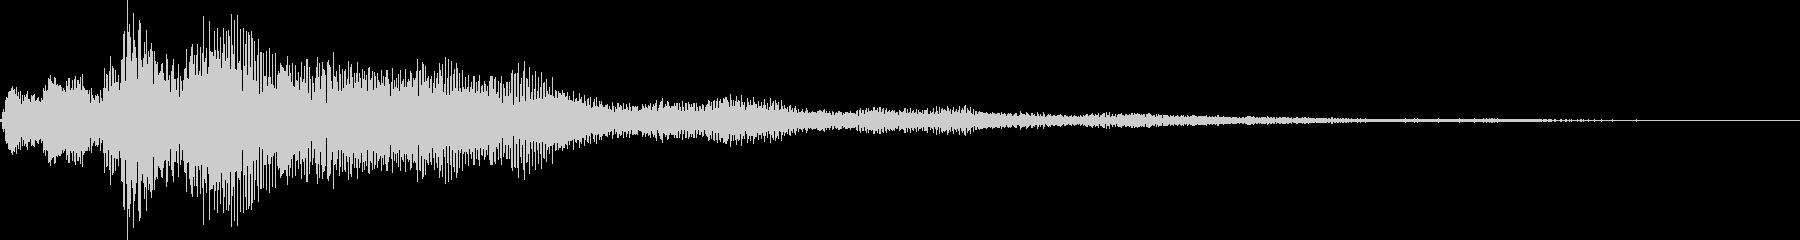 ピロロローン(お知らせ アイキャッチ)の未再生の波形